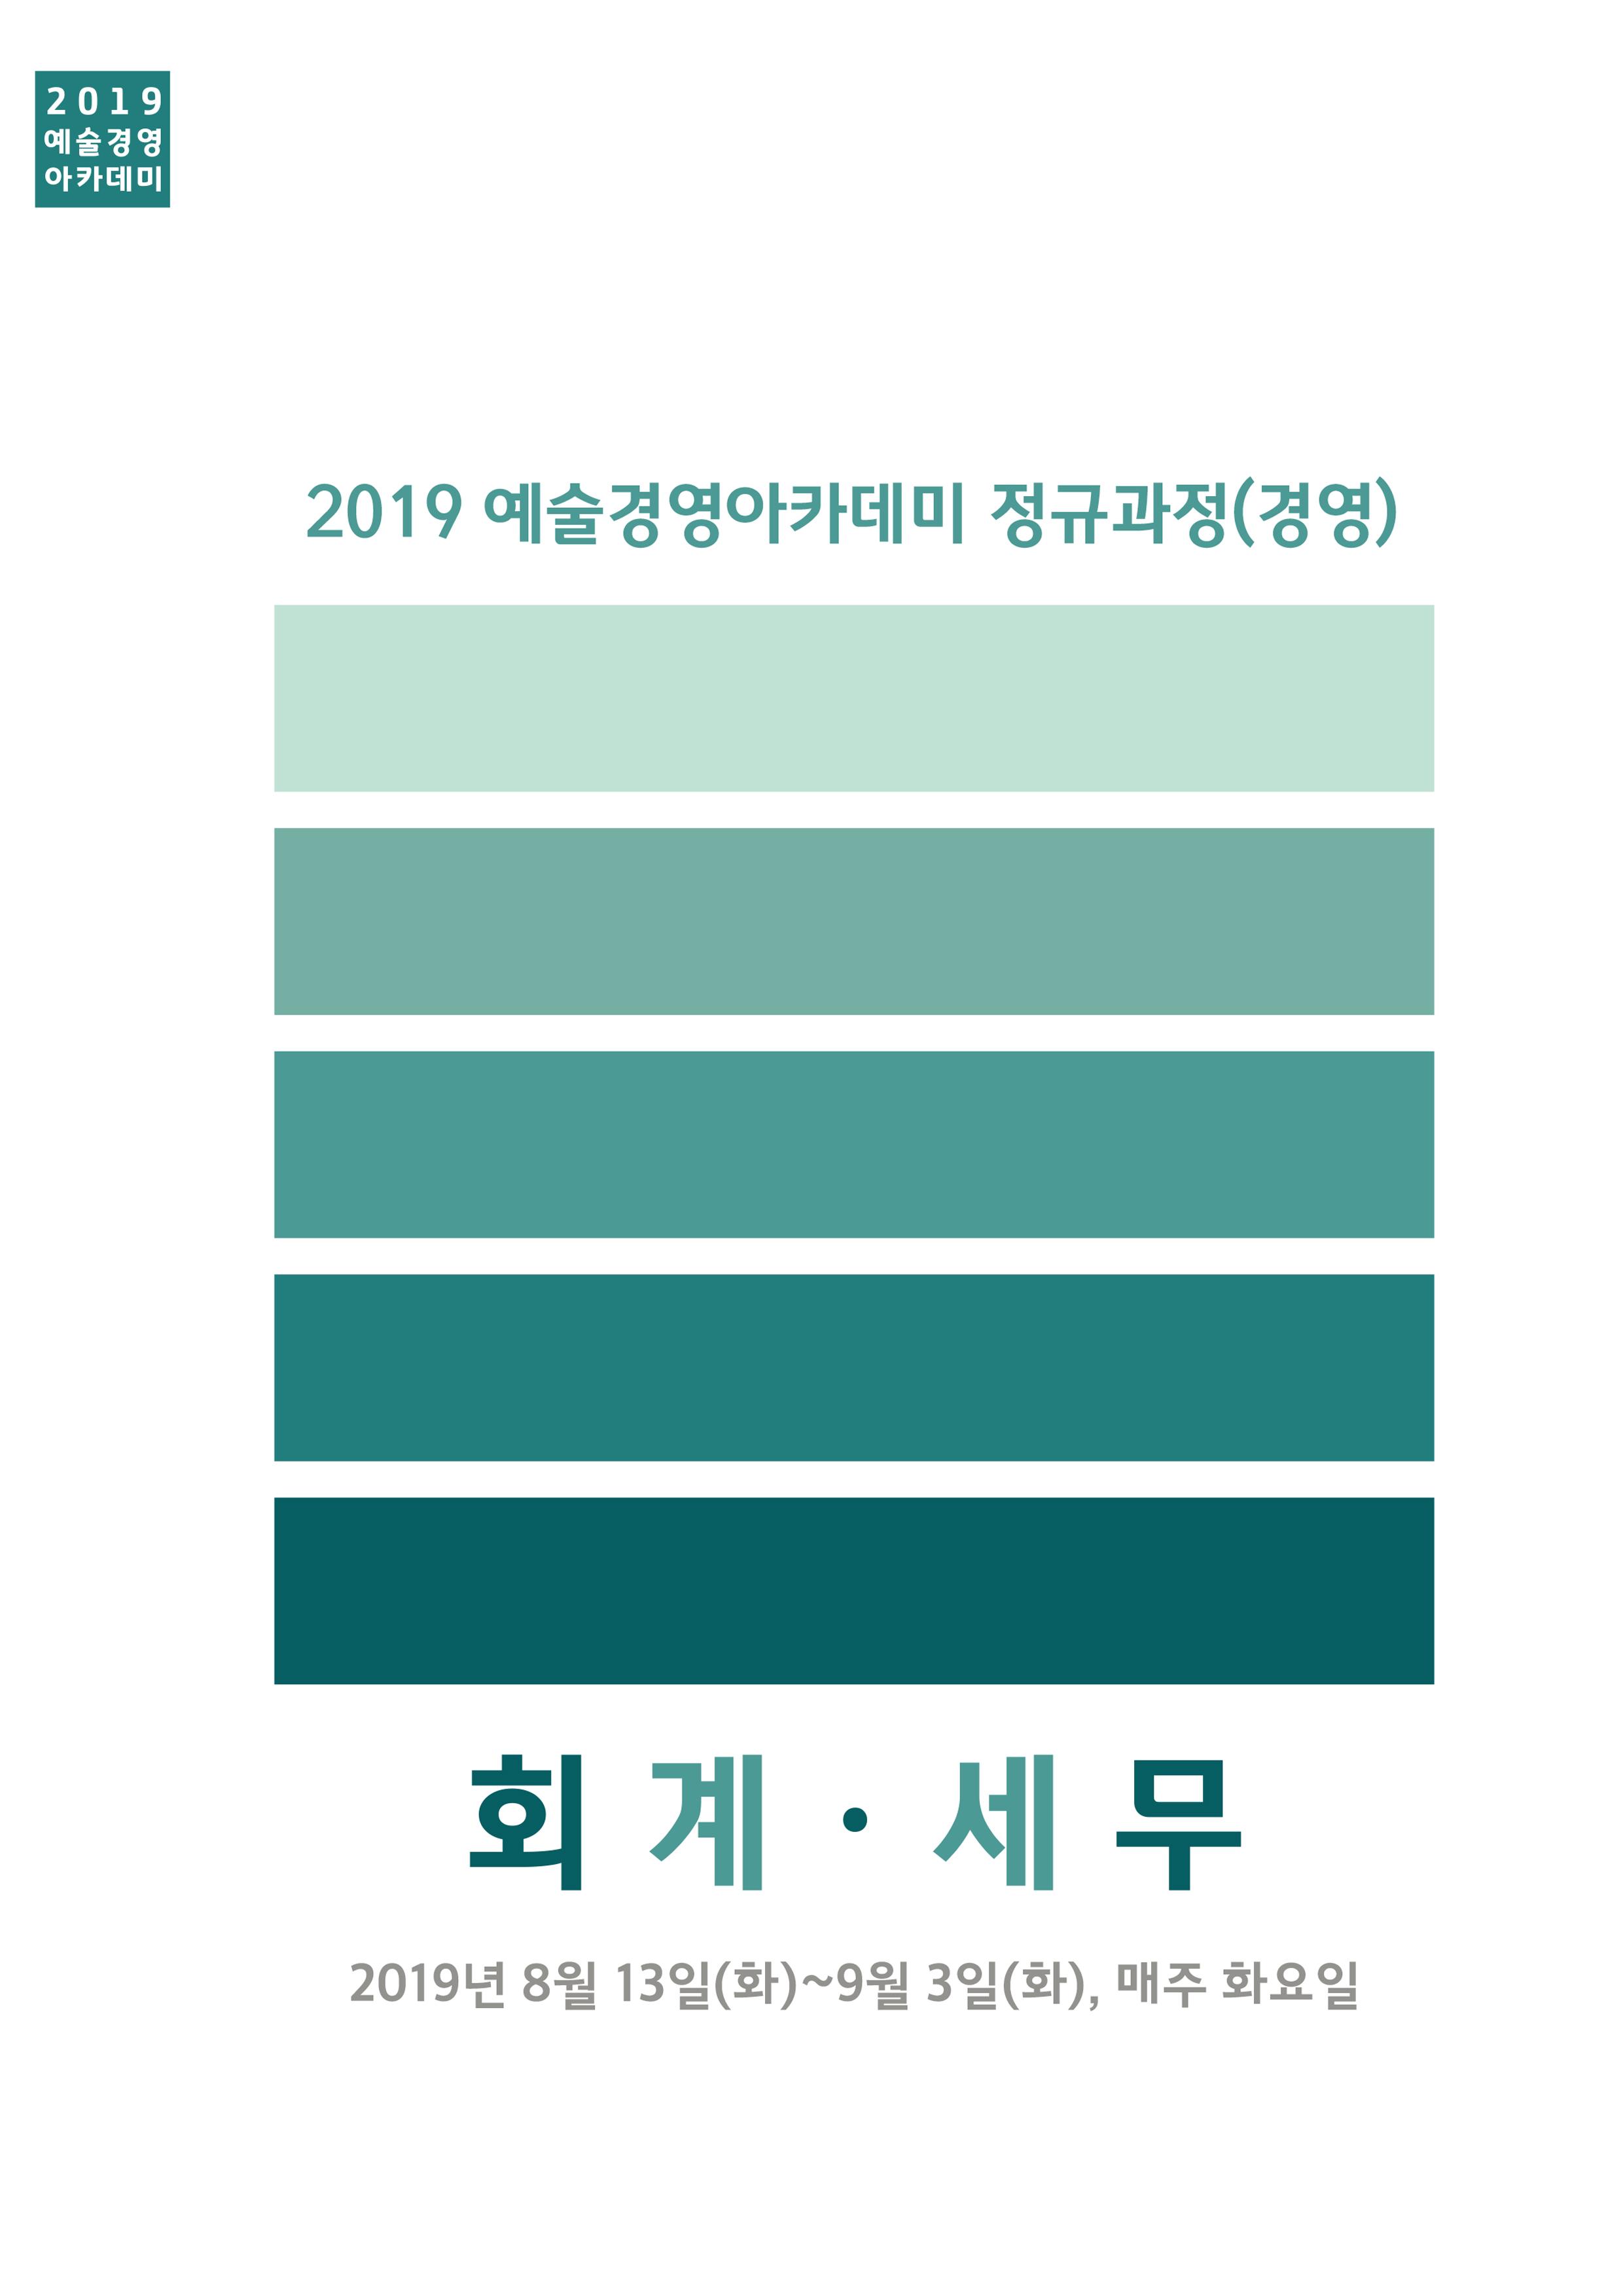 2019 예술경영아카데미 정규과정(경영) 회계세무 강의자료